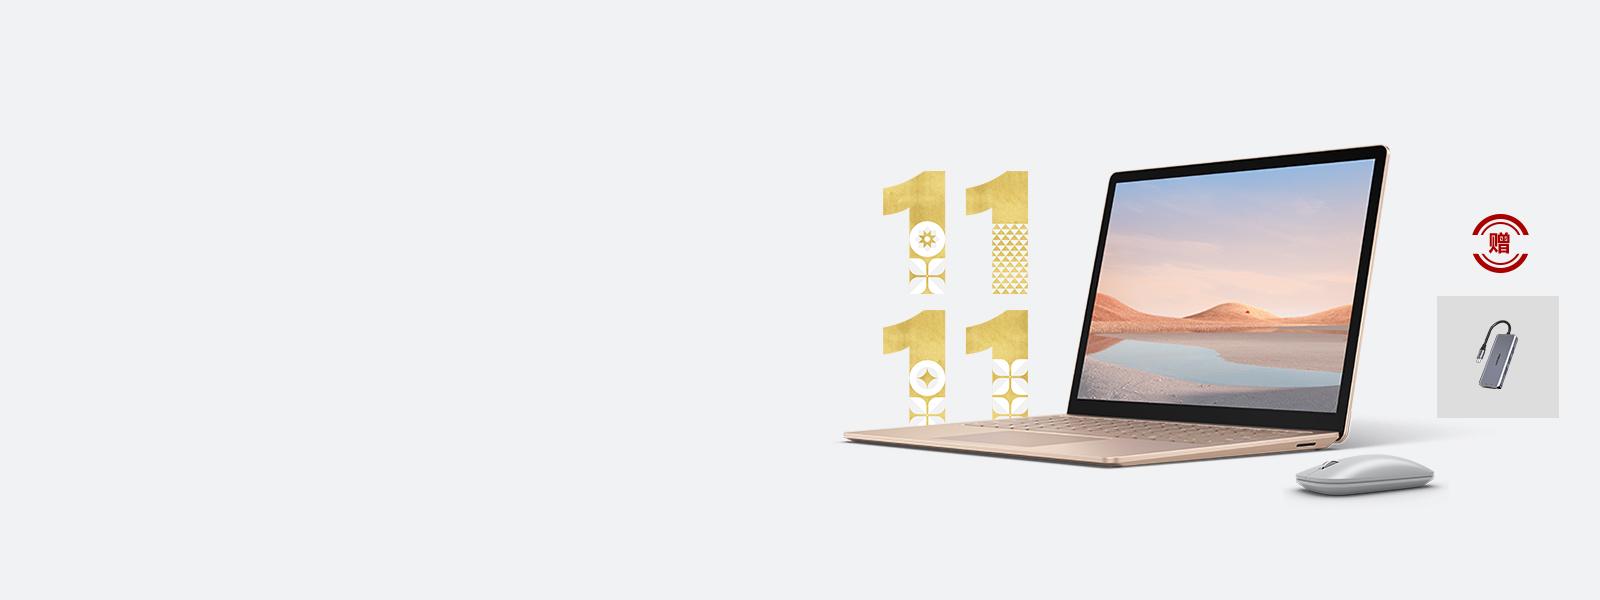 Surface Laptop 4 优选套餐